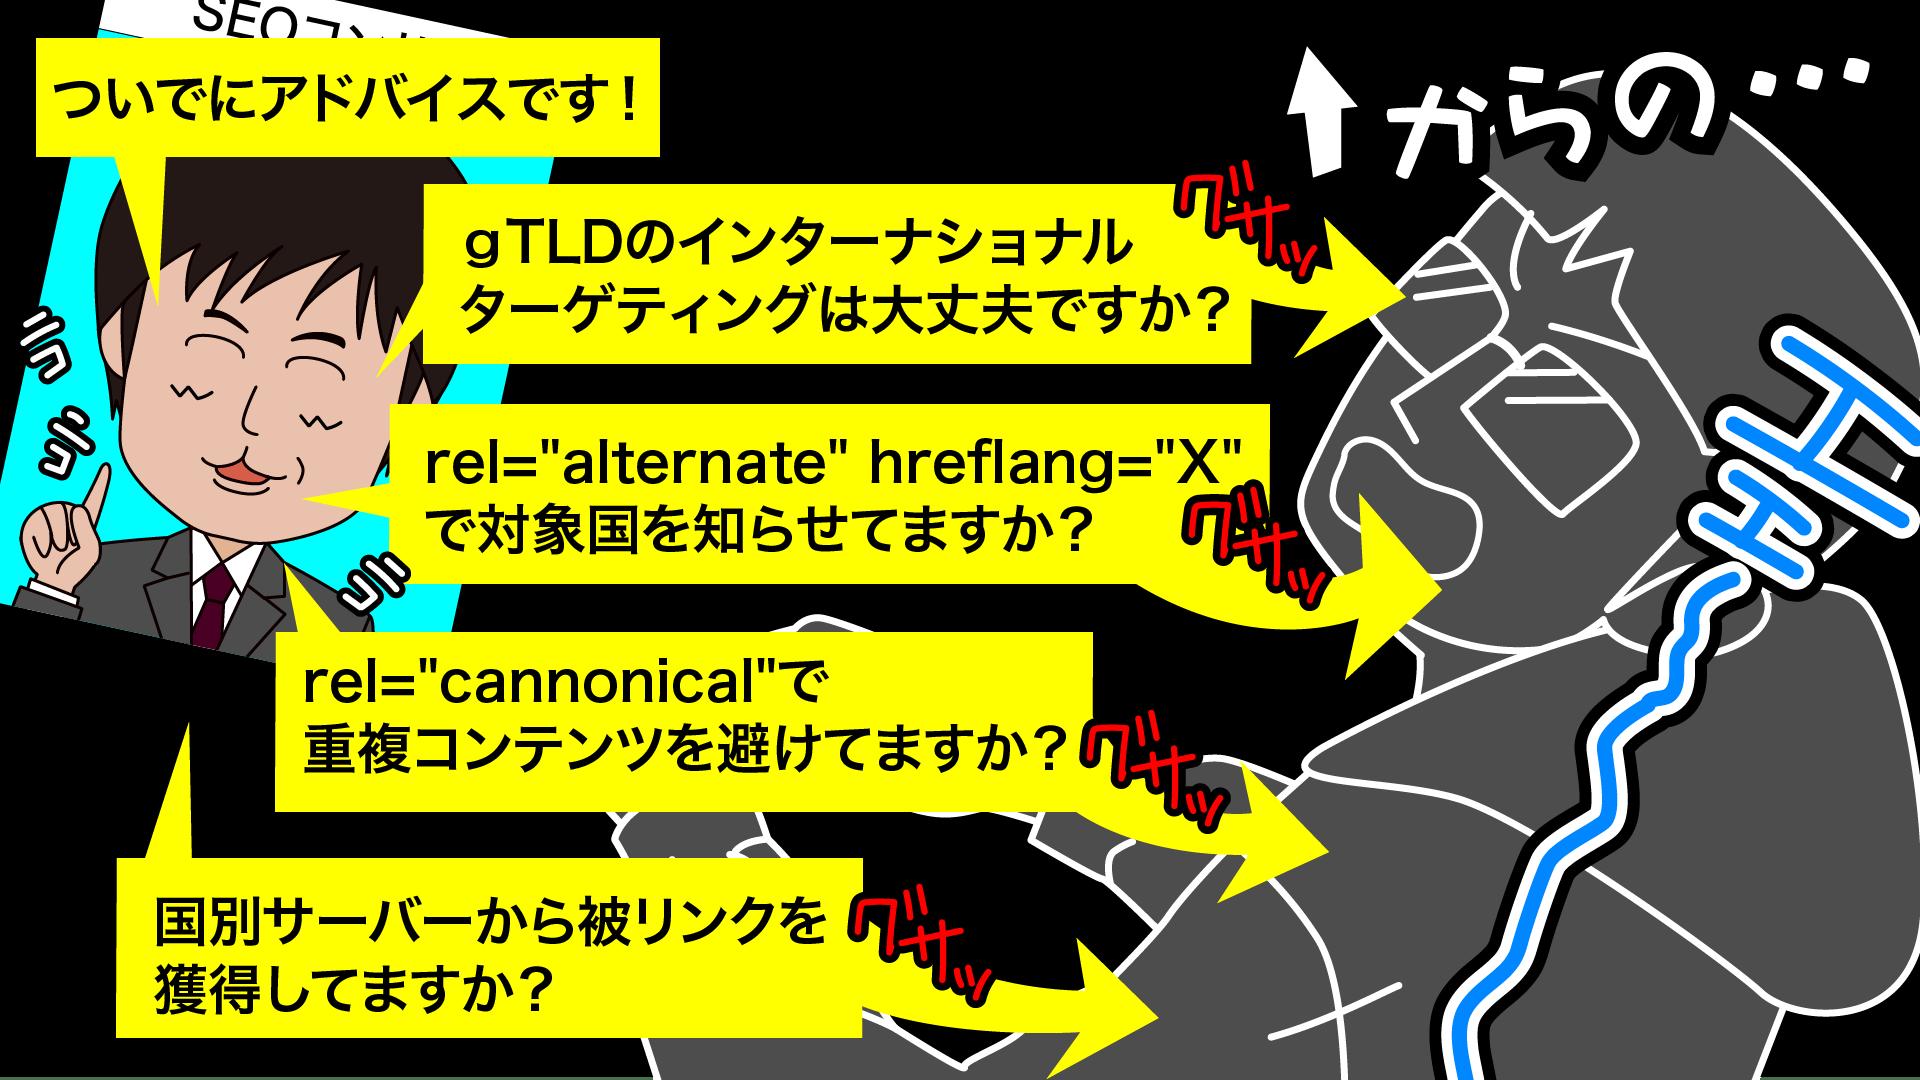 海外SEO-SEO対策漫画⑥